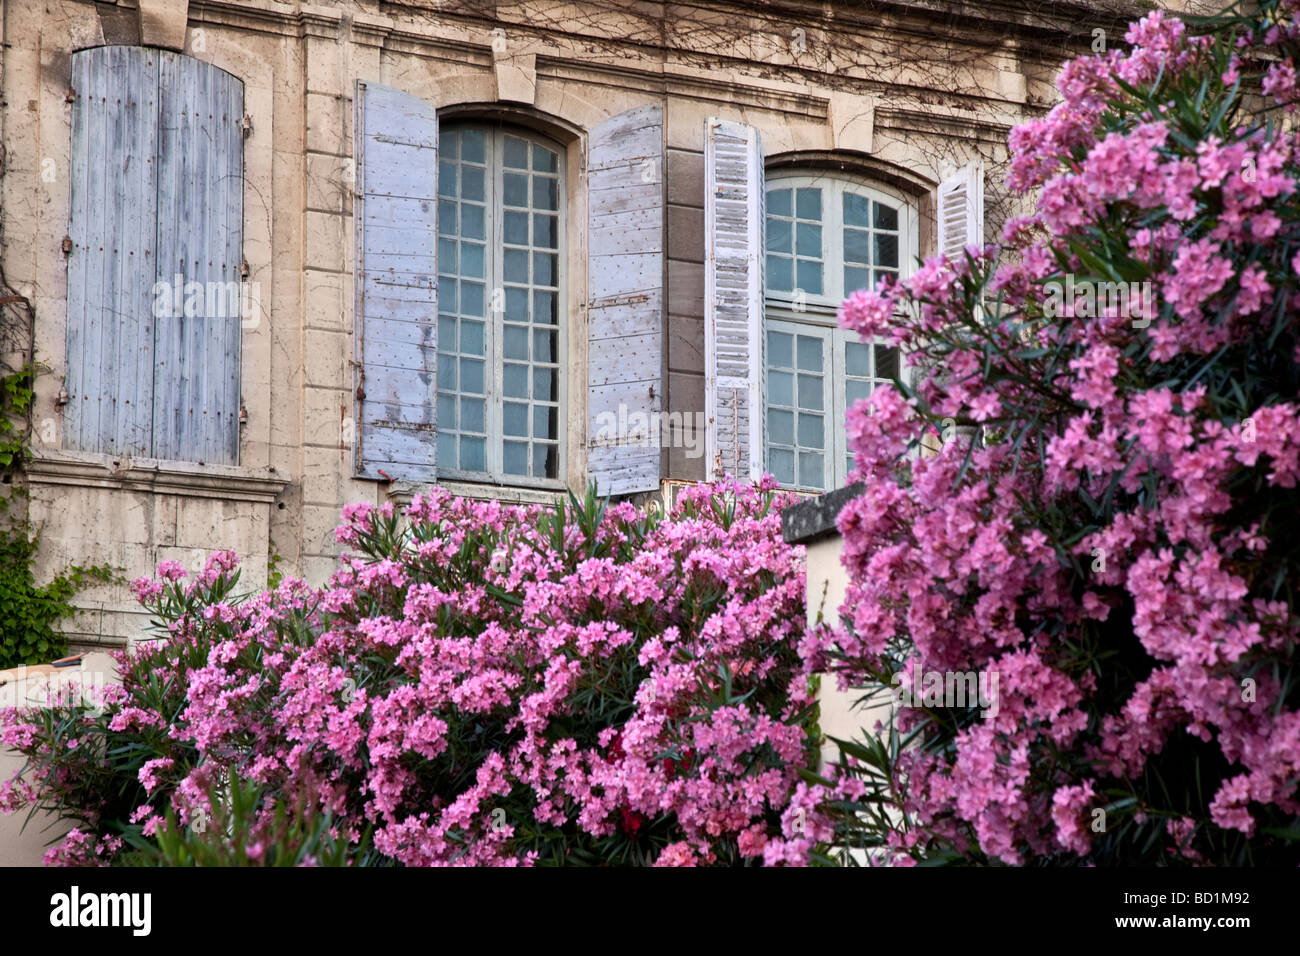 Purply fiori di colore rosa di fronte blu finestre con persiane di San Remy de-Provence Francia Immagini Stock